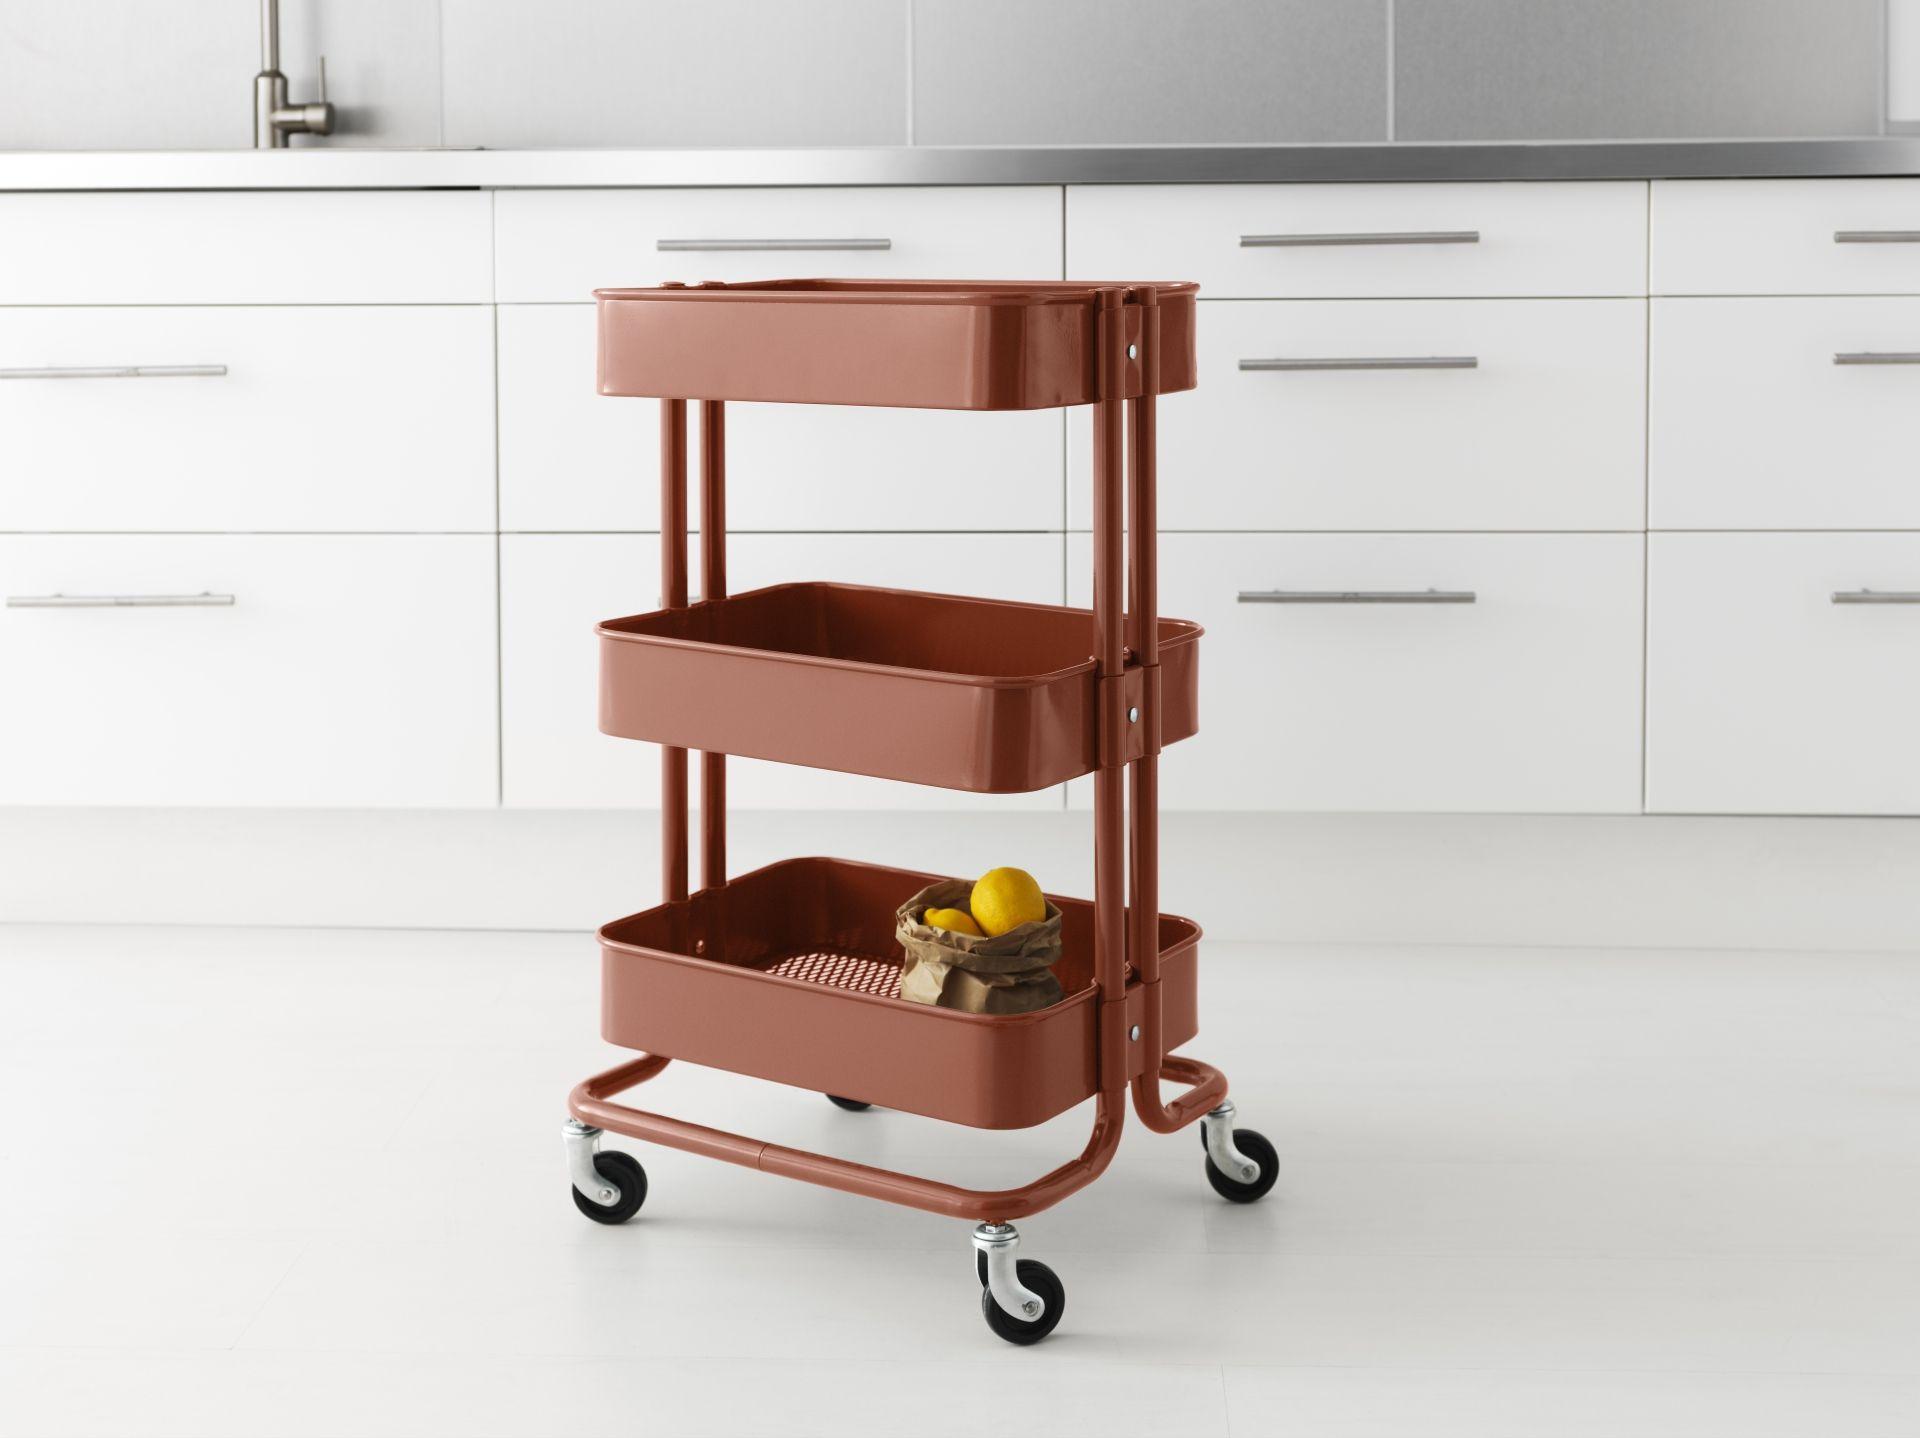 Ikea keuken trolley u2013 informatie over de keuken